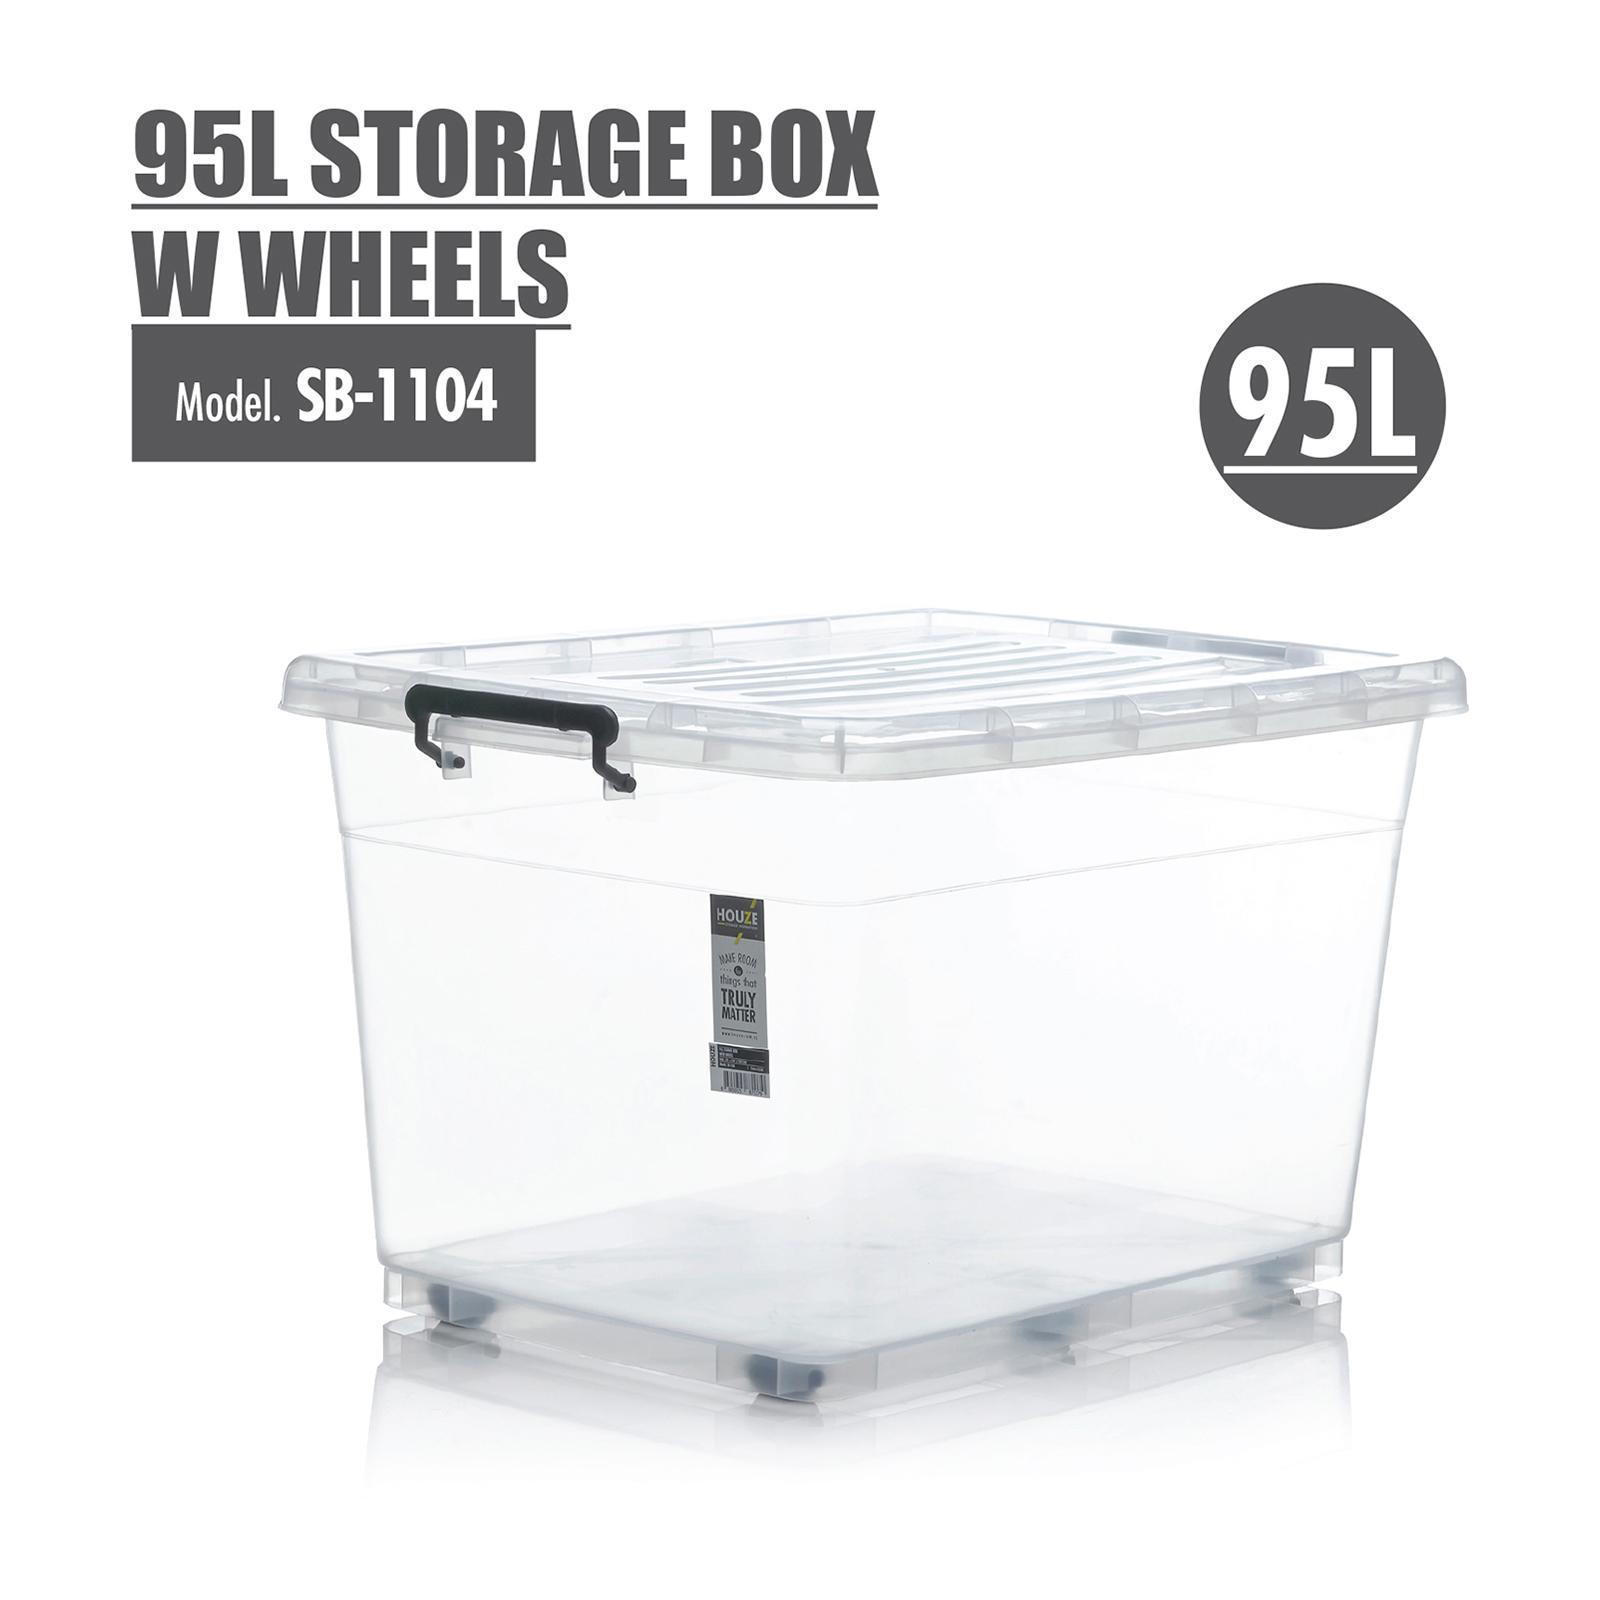 Houze 95L Storage Box With Wheels - SB-1104-CLEAR